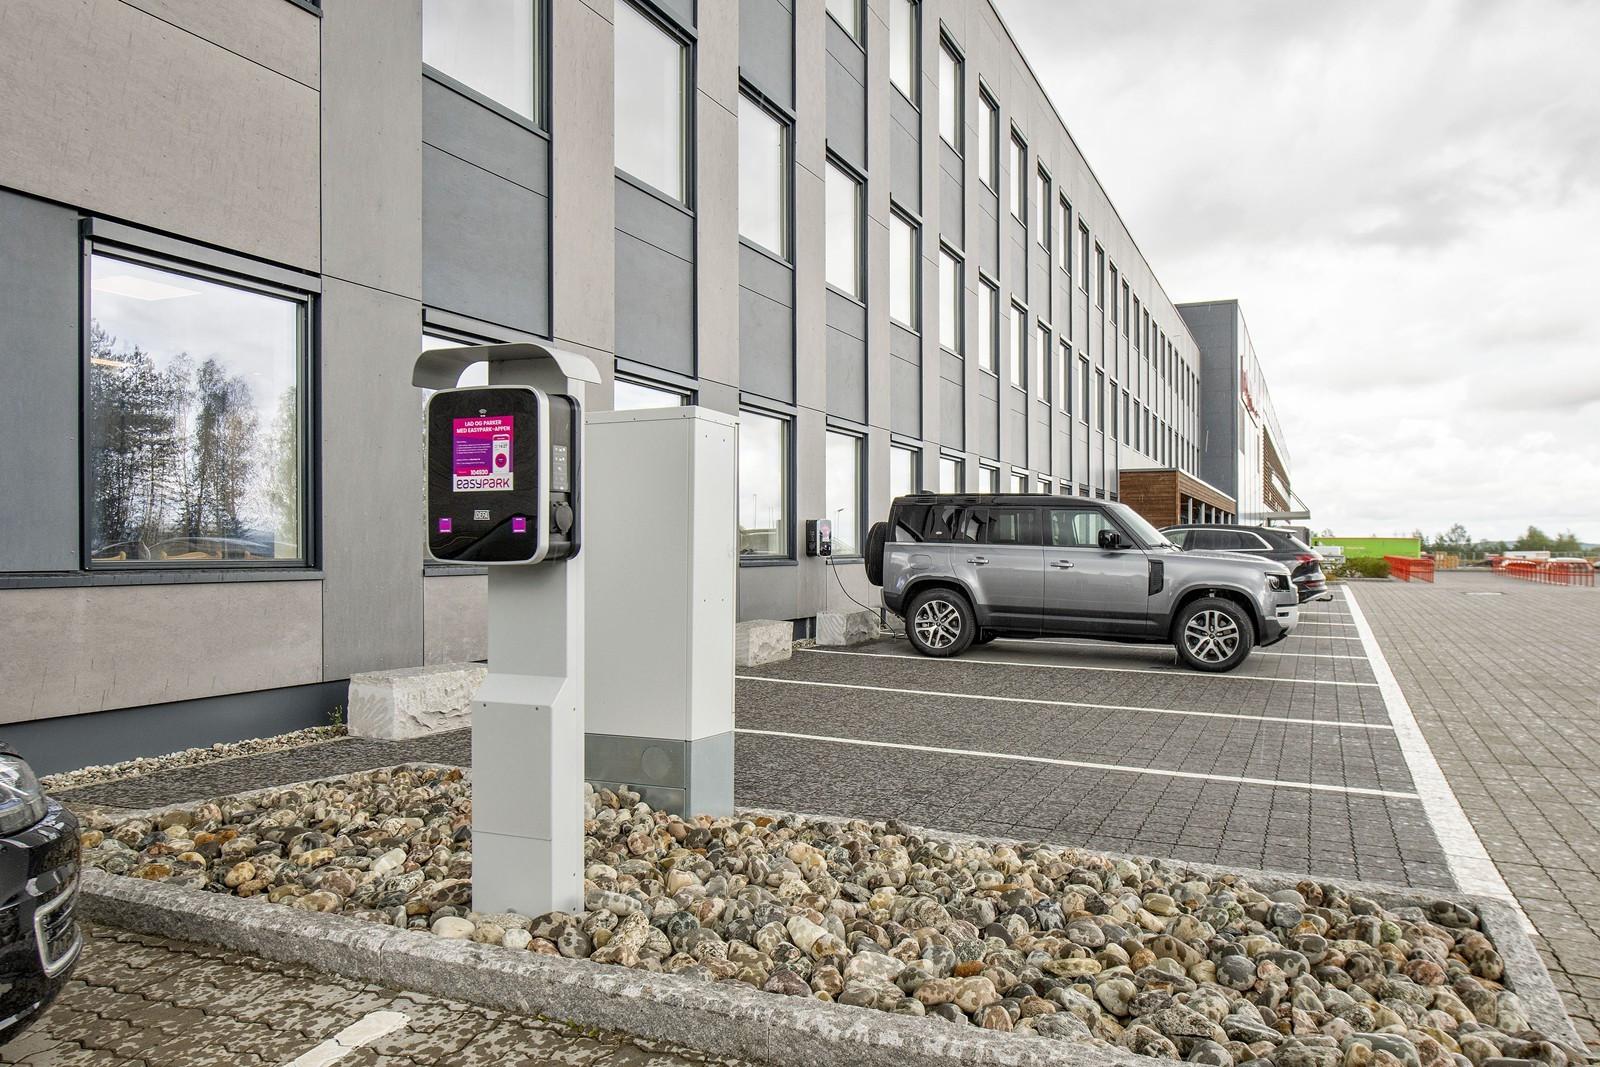 El-bil ladere tilgjengelig - Easy Park administrerer eiendommens el-parkering